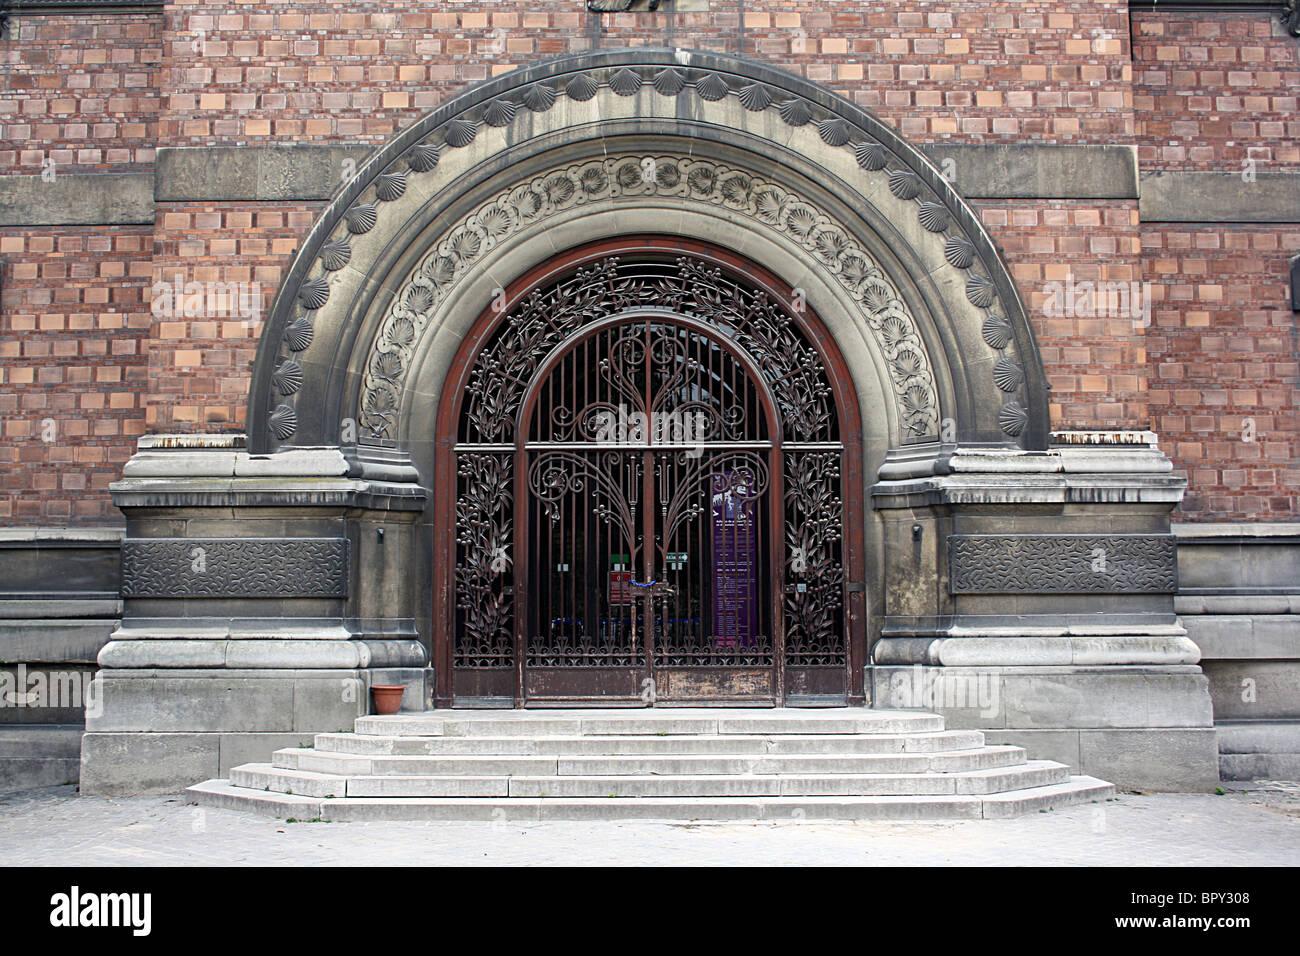 Paleontology Museum, Paris, in the Jardin des Plantes, main entrance. - Stock Image